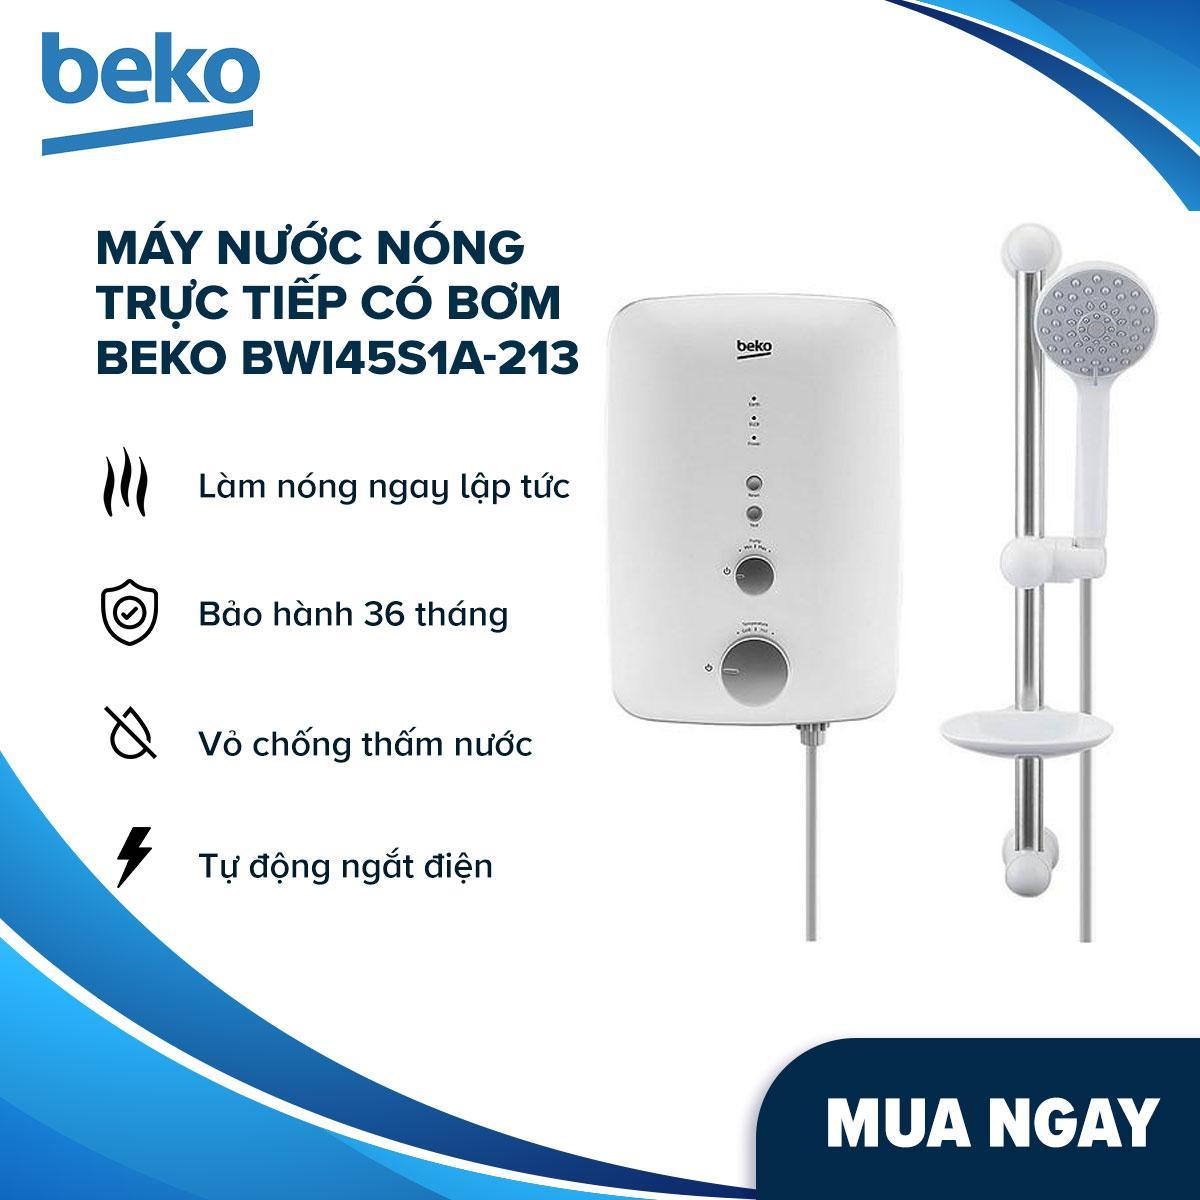 Máy Nước Nóng Trực Tiếp Có Bơm Beko BWI45S1A-213 (4500W) - Hàng Chính Hãng